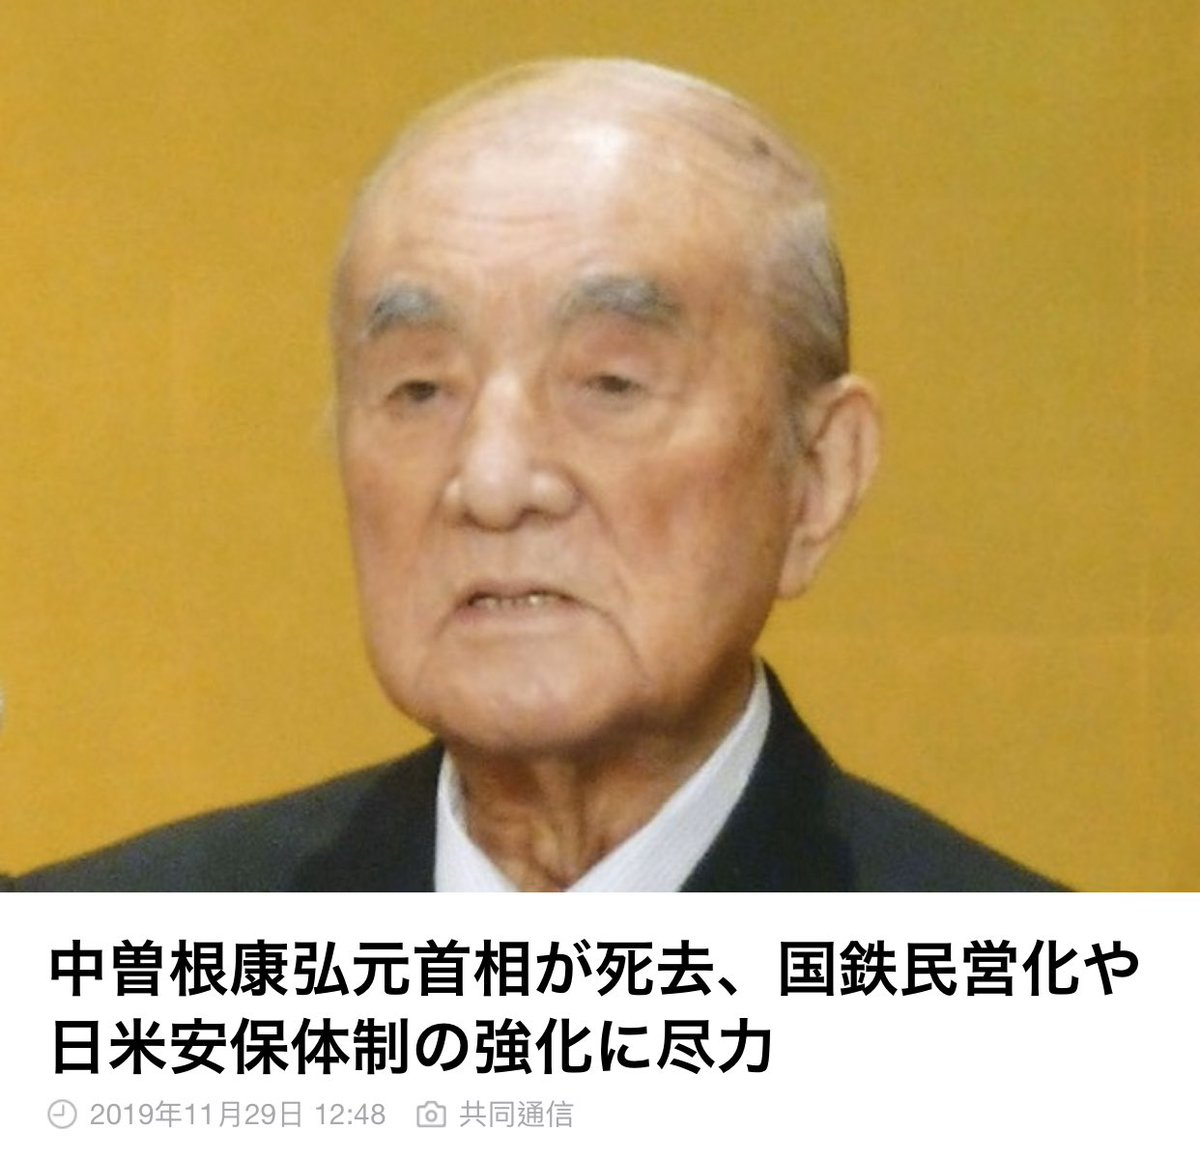 中曽根 首相